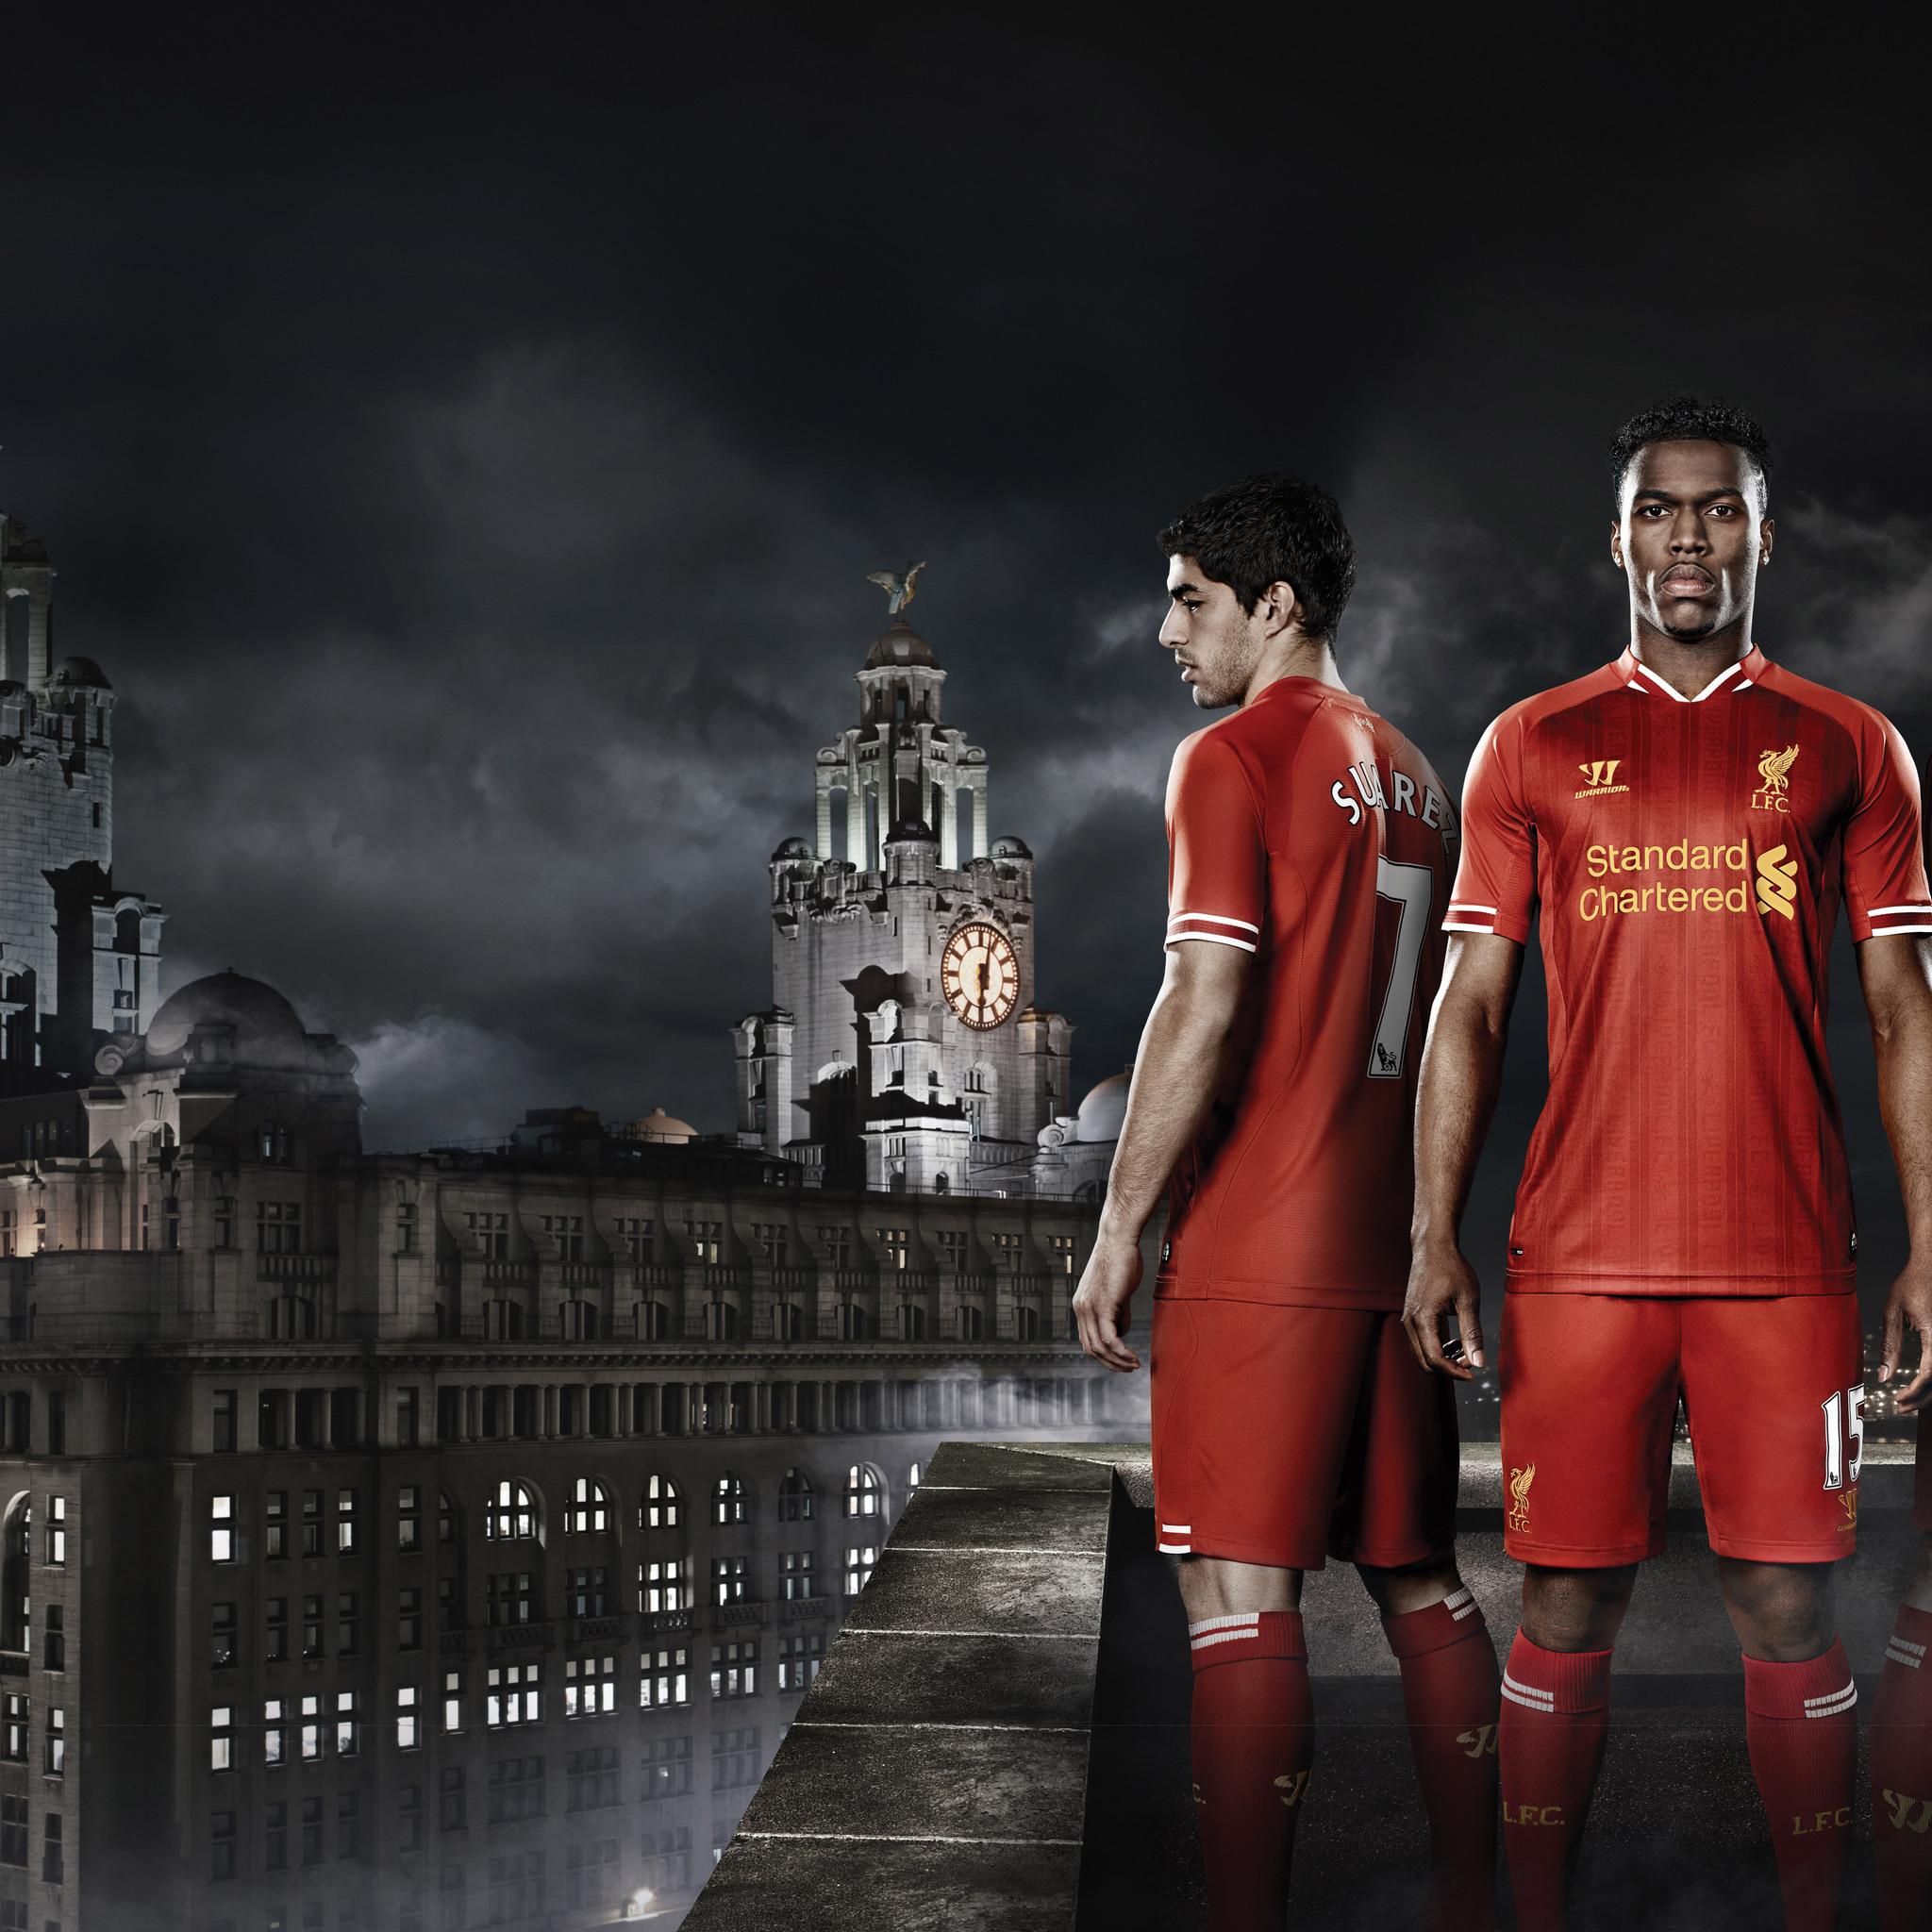 2048x2048 Liverpool FC Daniel Sturridge Luis Suarez Steven